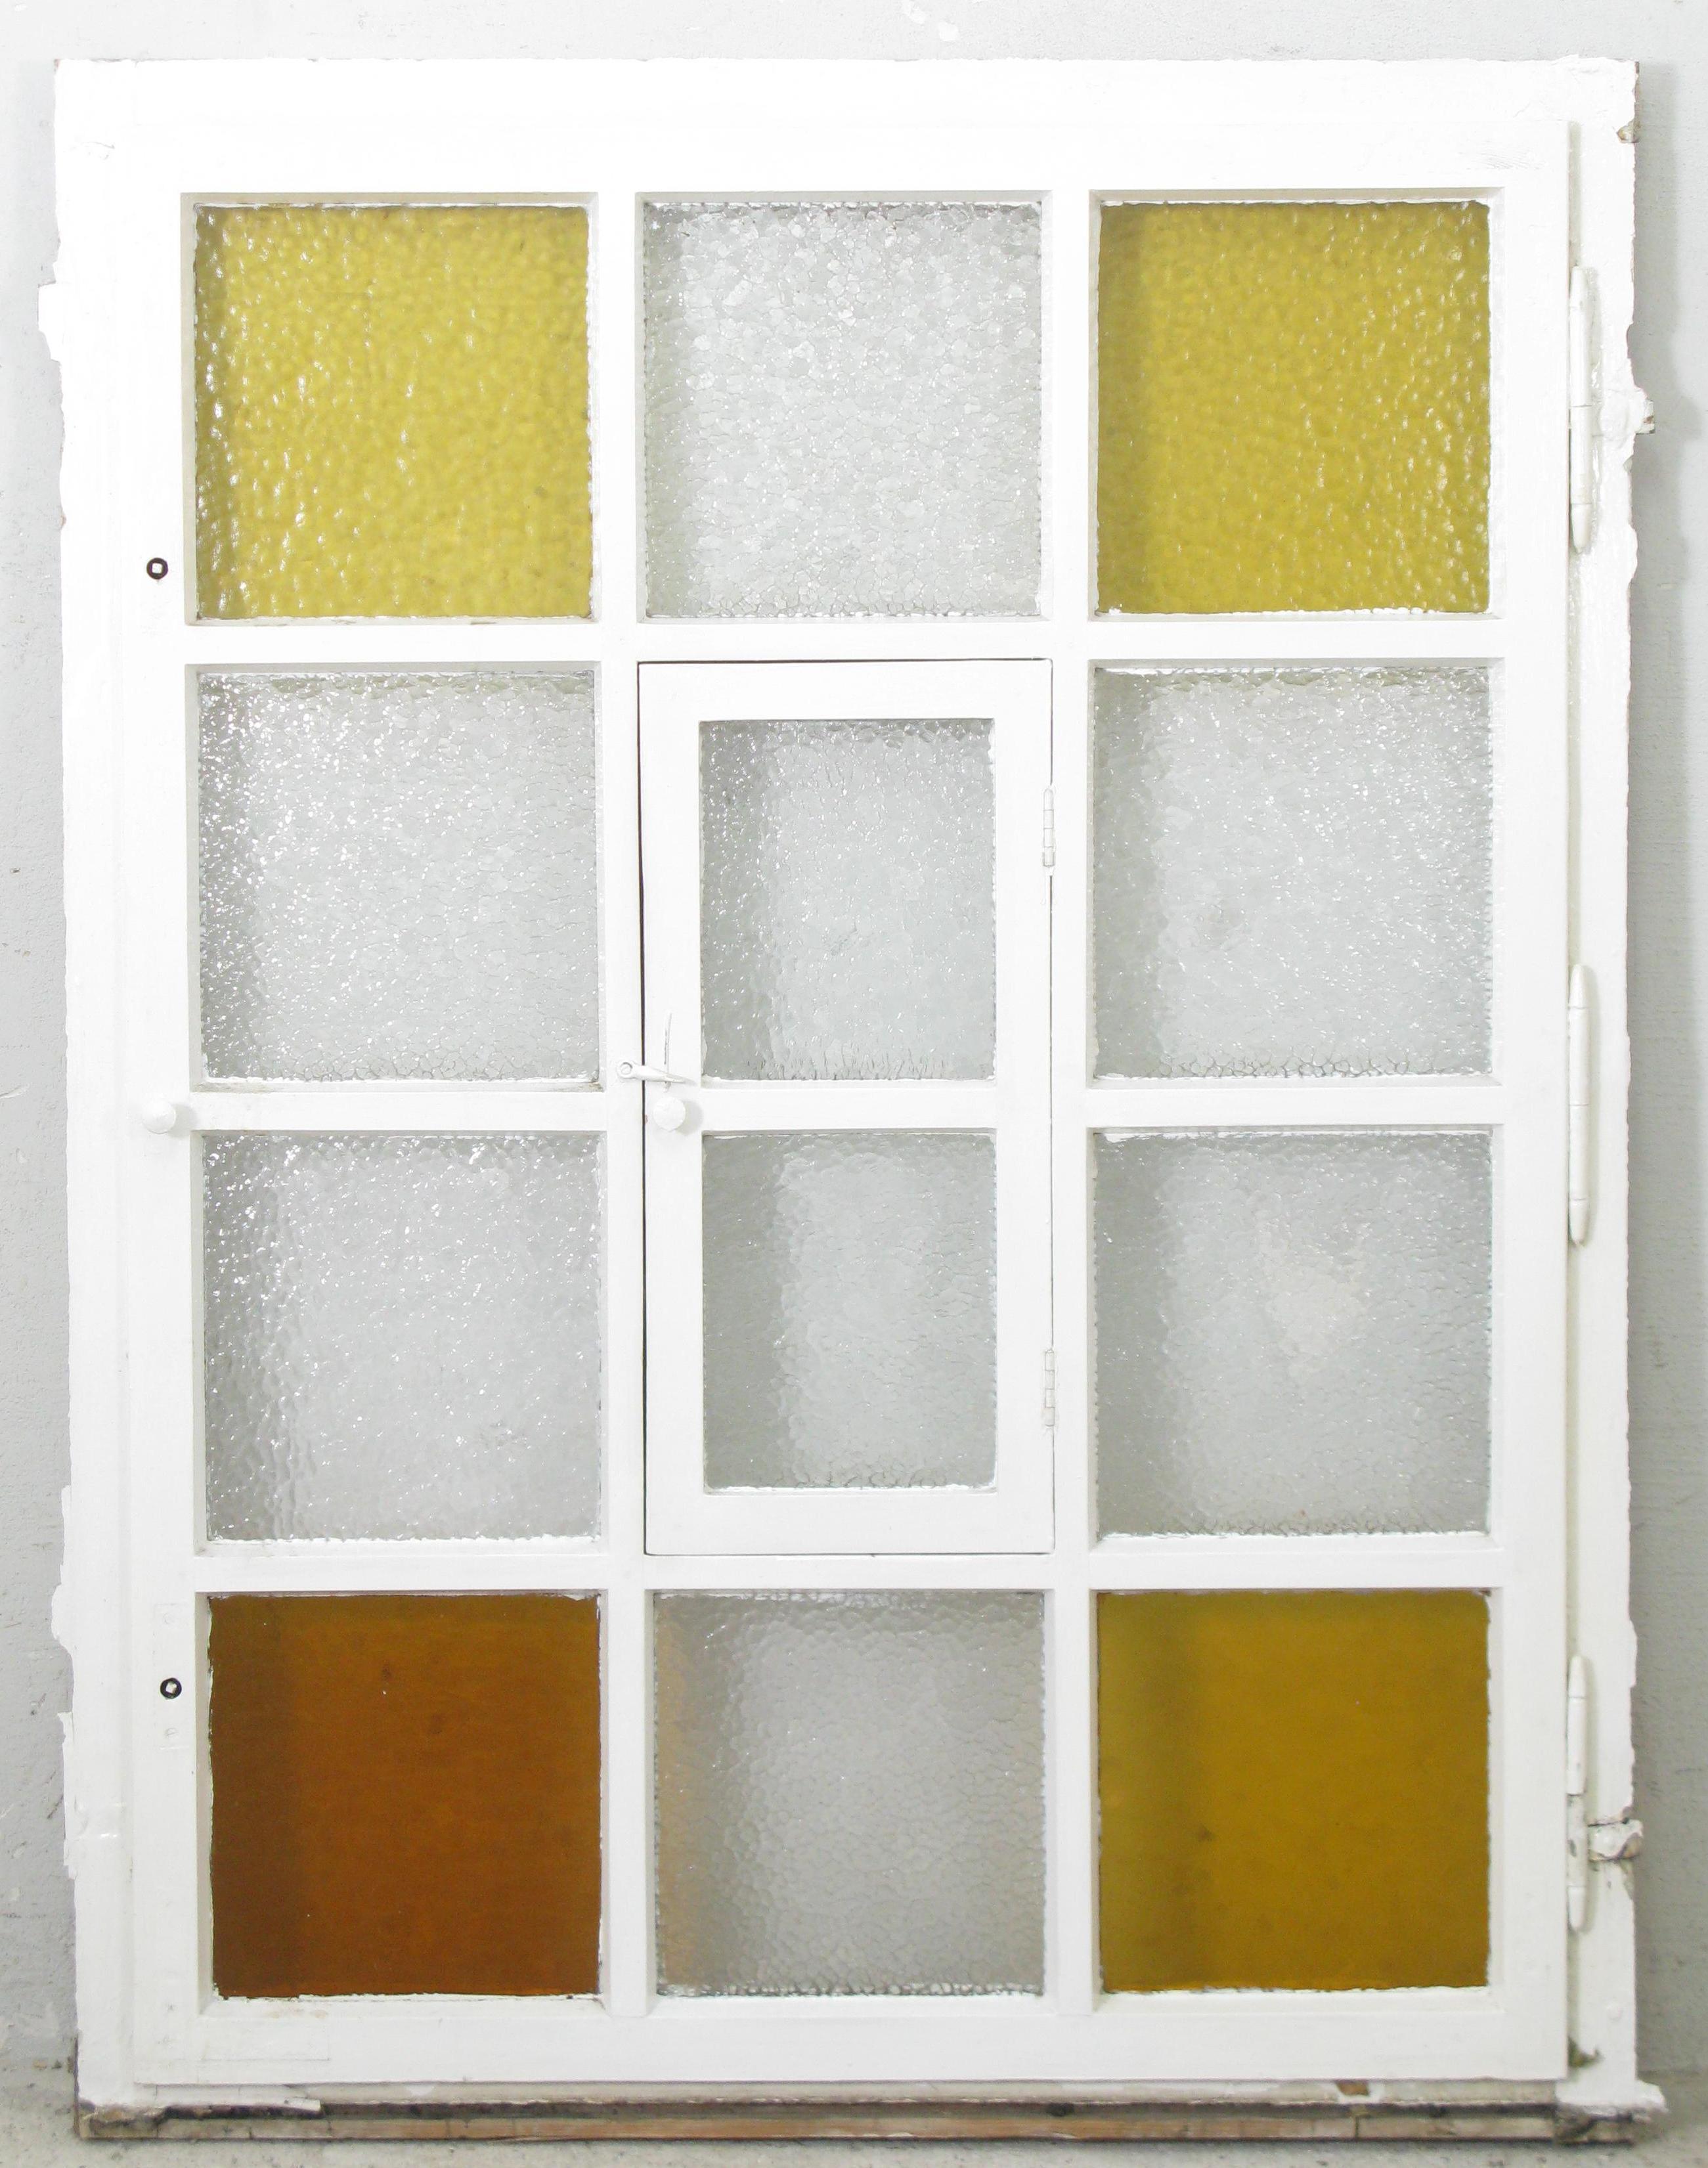 Häufig Deko Moabit-Treppenhaus Fenster | Historische Bauelemente | Jetzt GN46